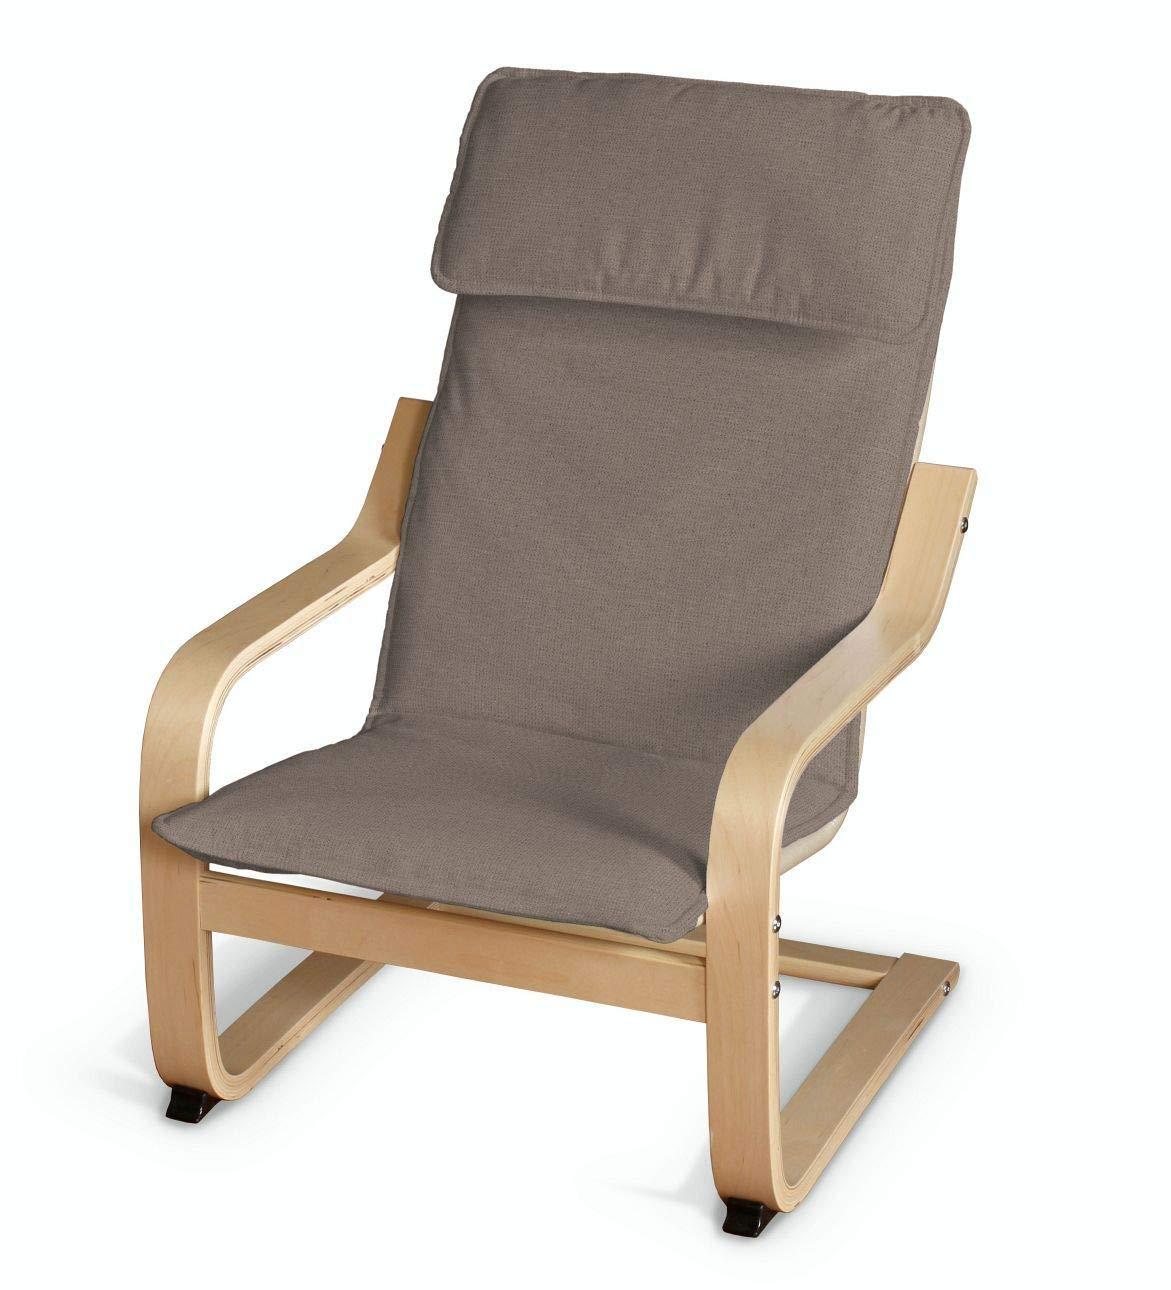 Dekoria Poäng Kissen für den Kindersessel Sesselhusse passend für IKEA Modell Klappsta grau-braun